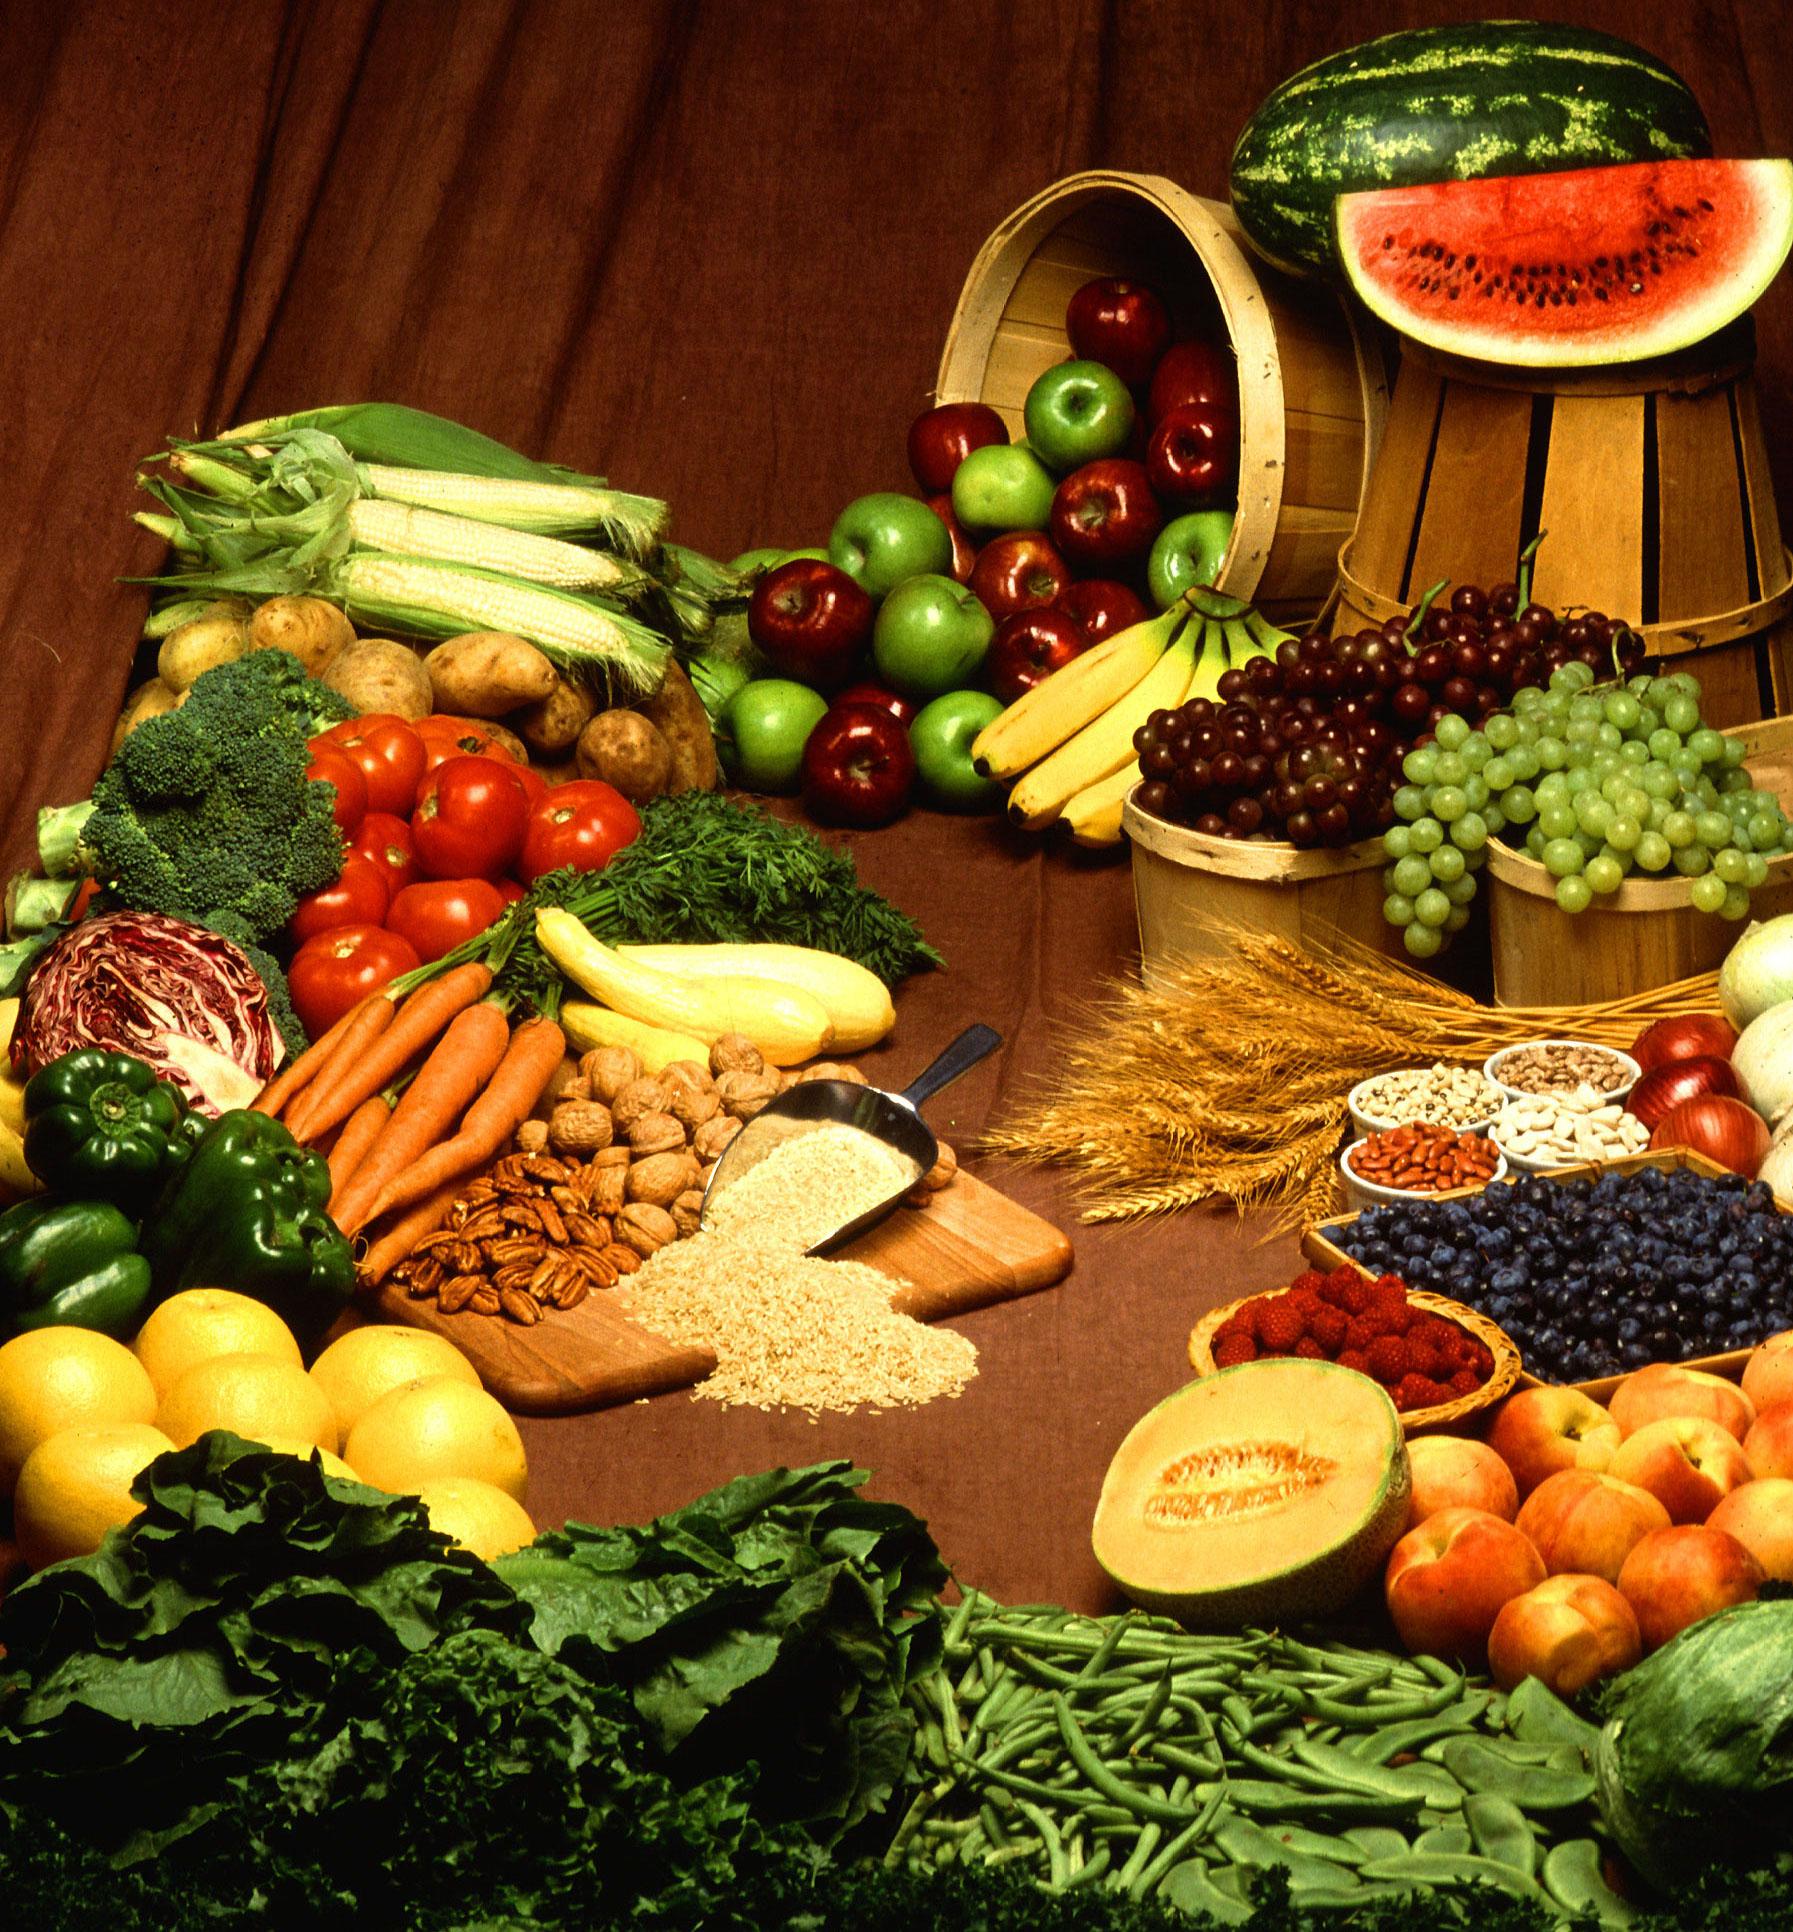 Diyet salata ile Etiketlenen Konular